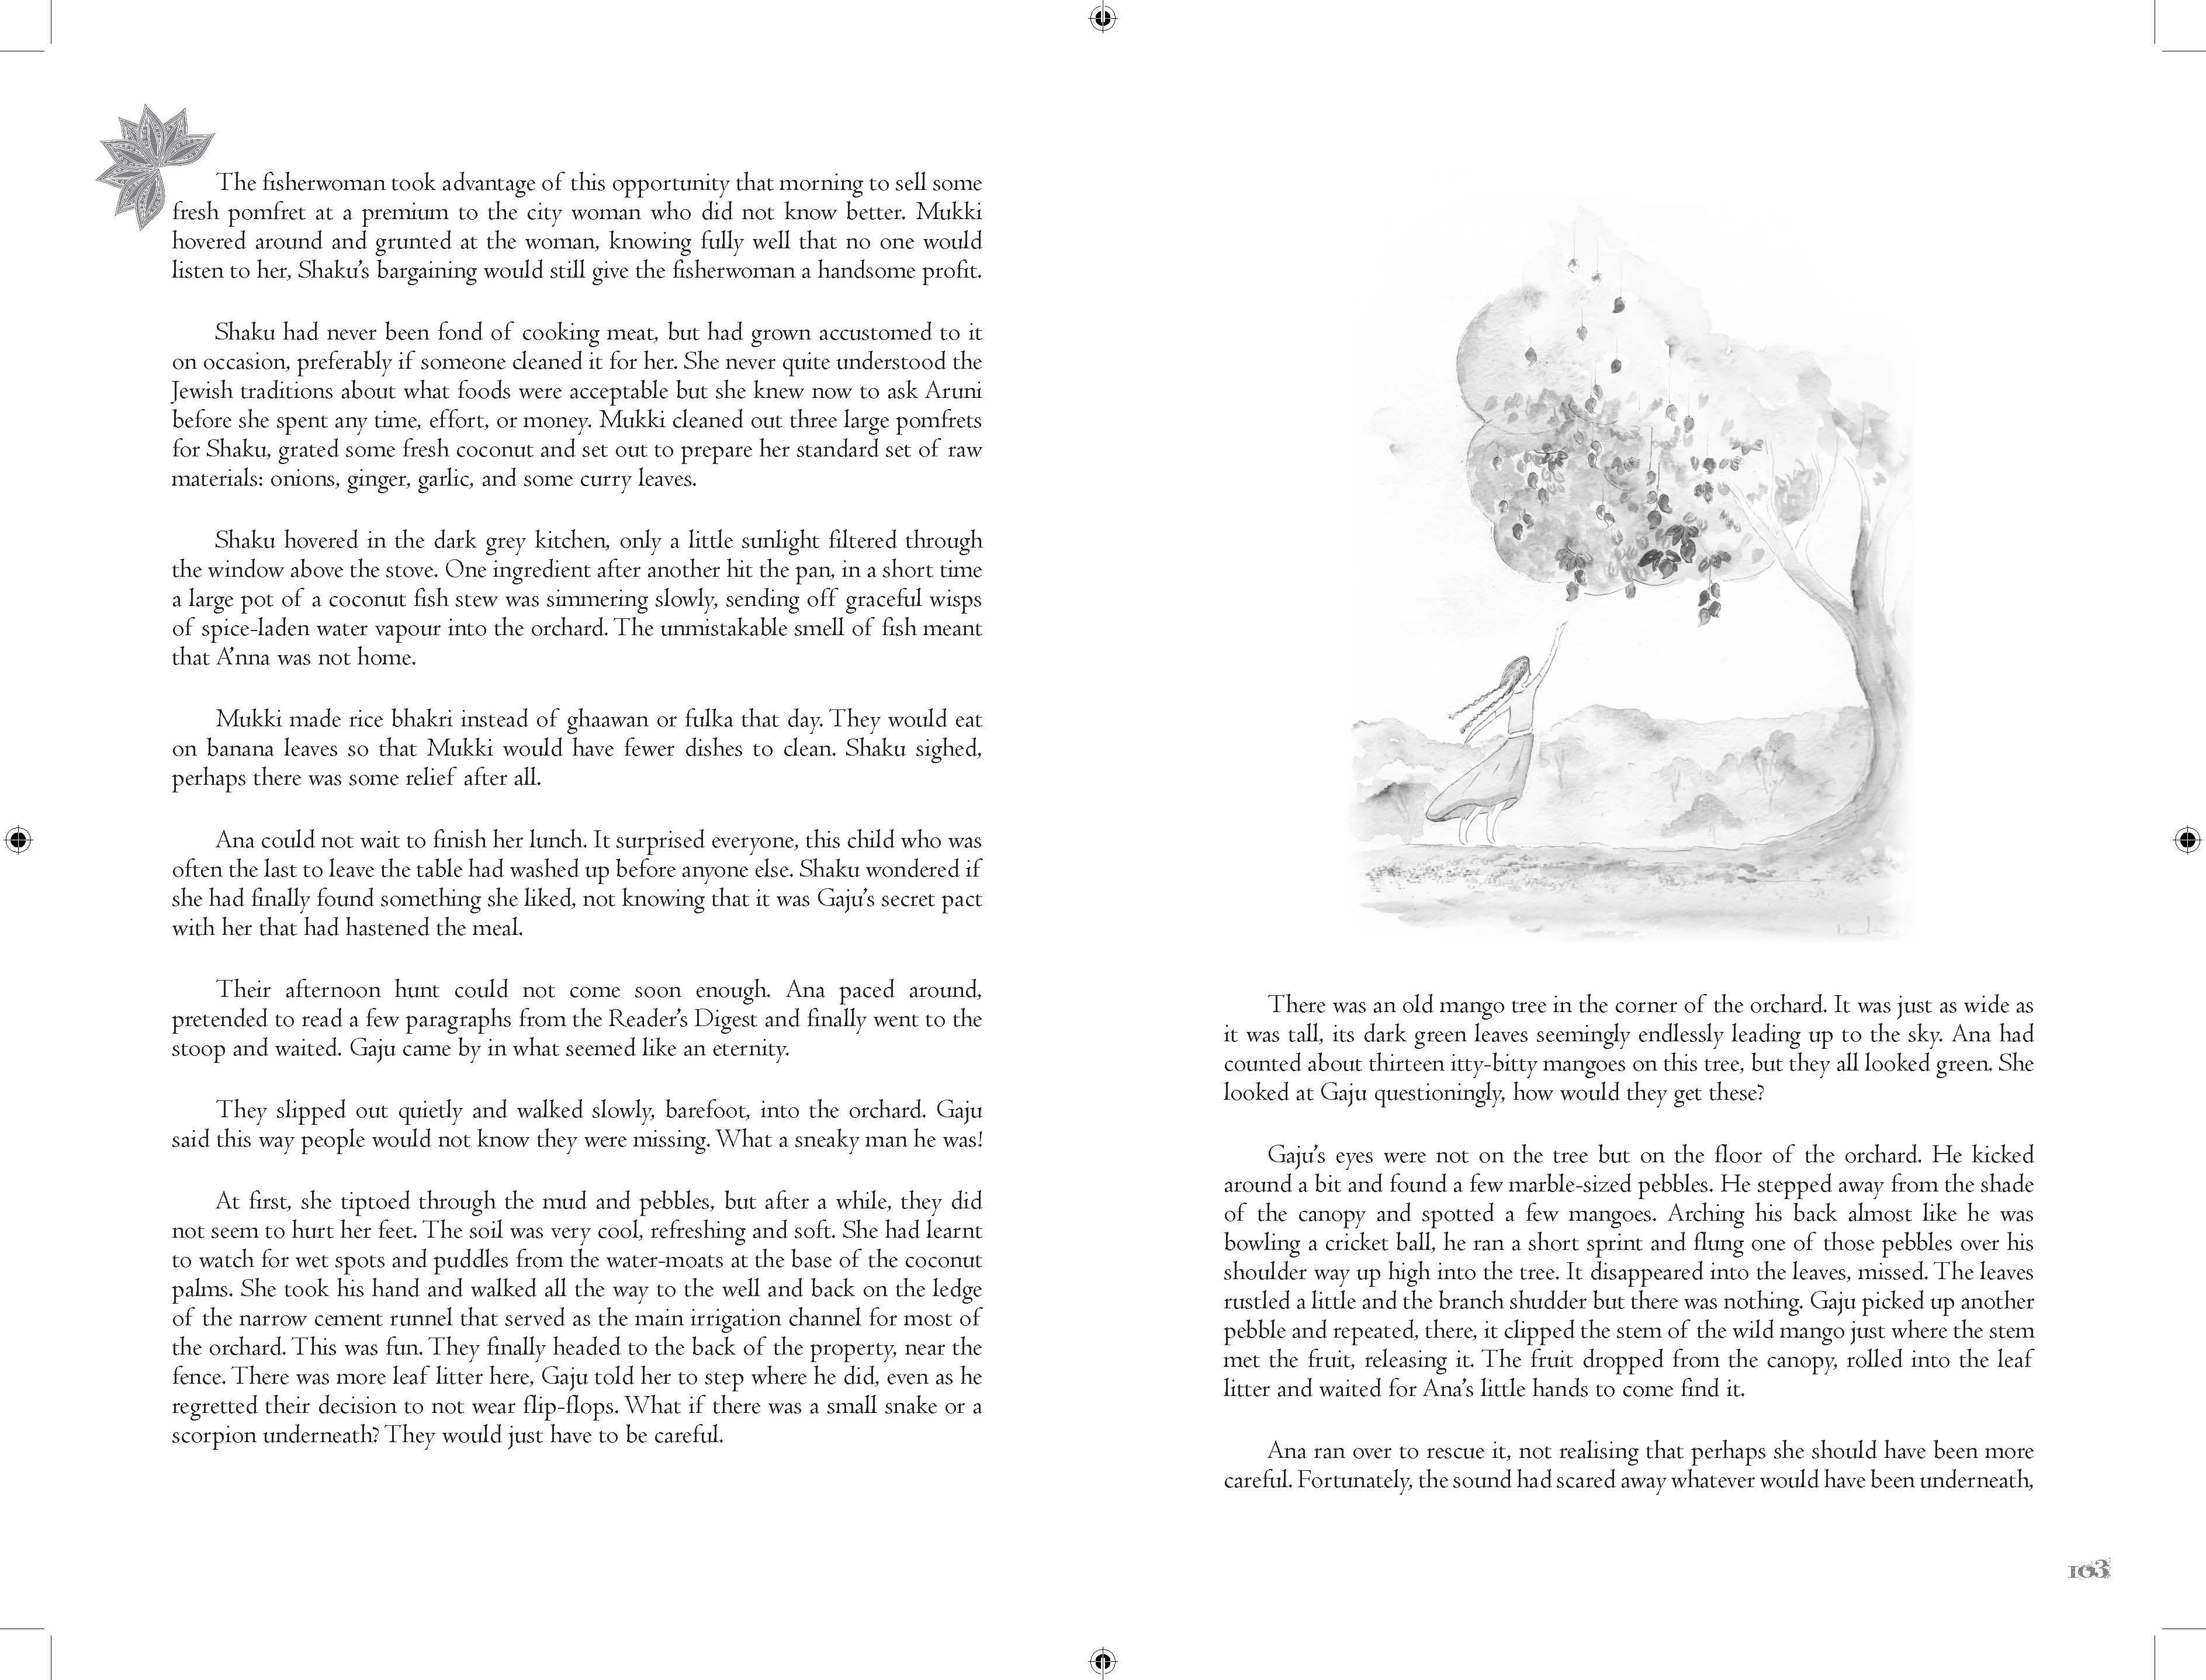 Page spread